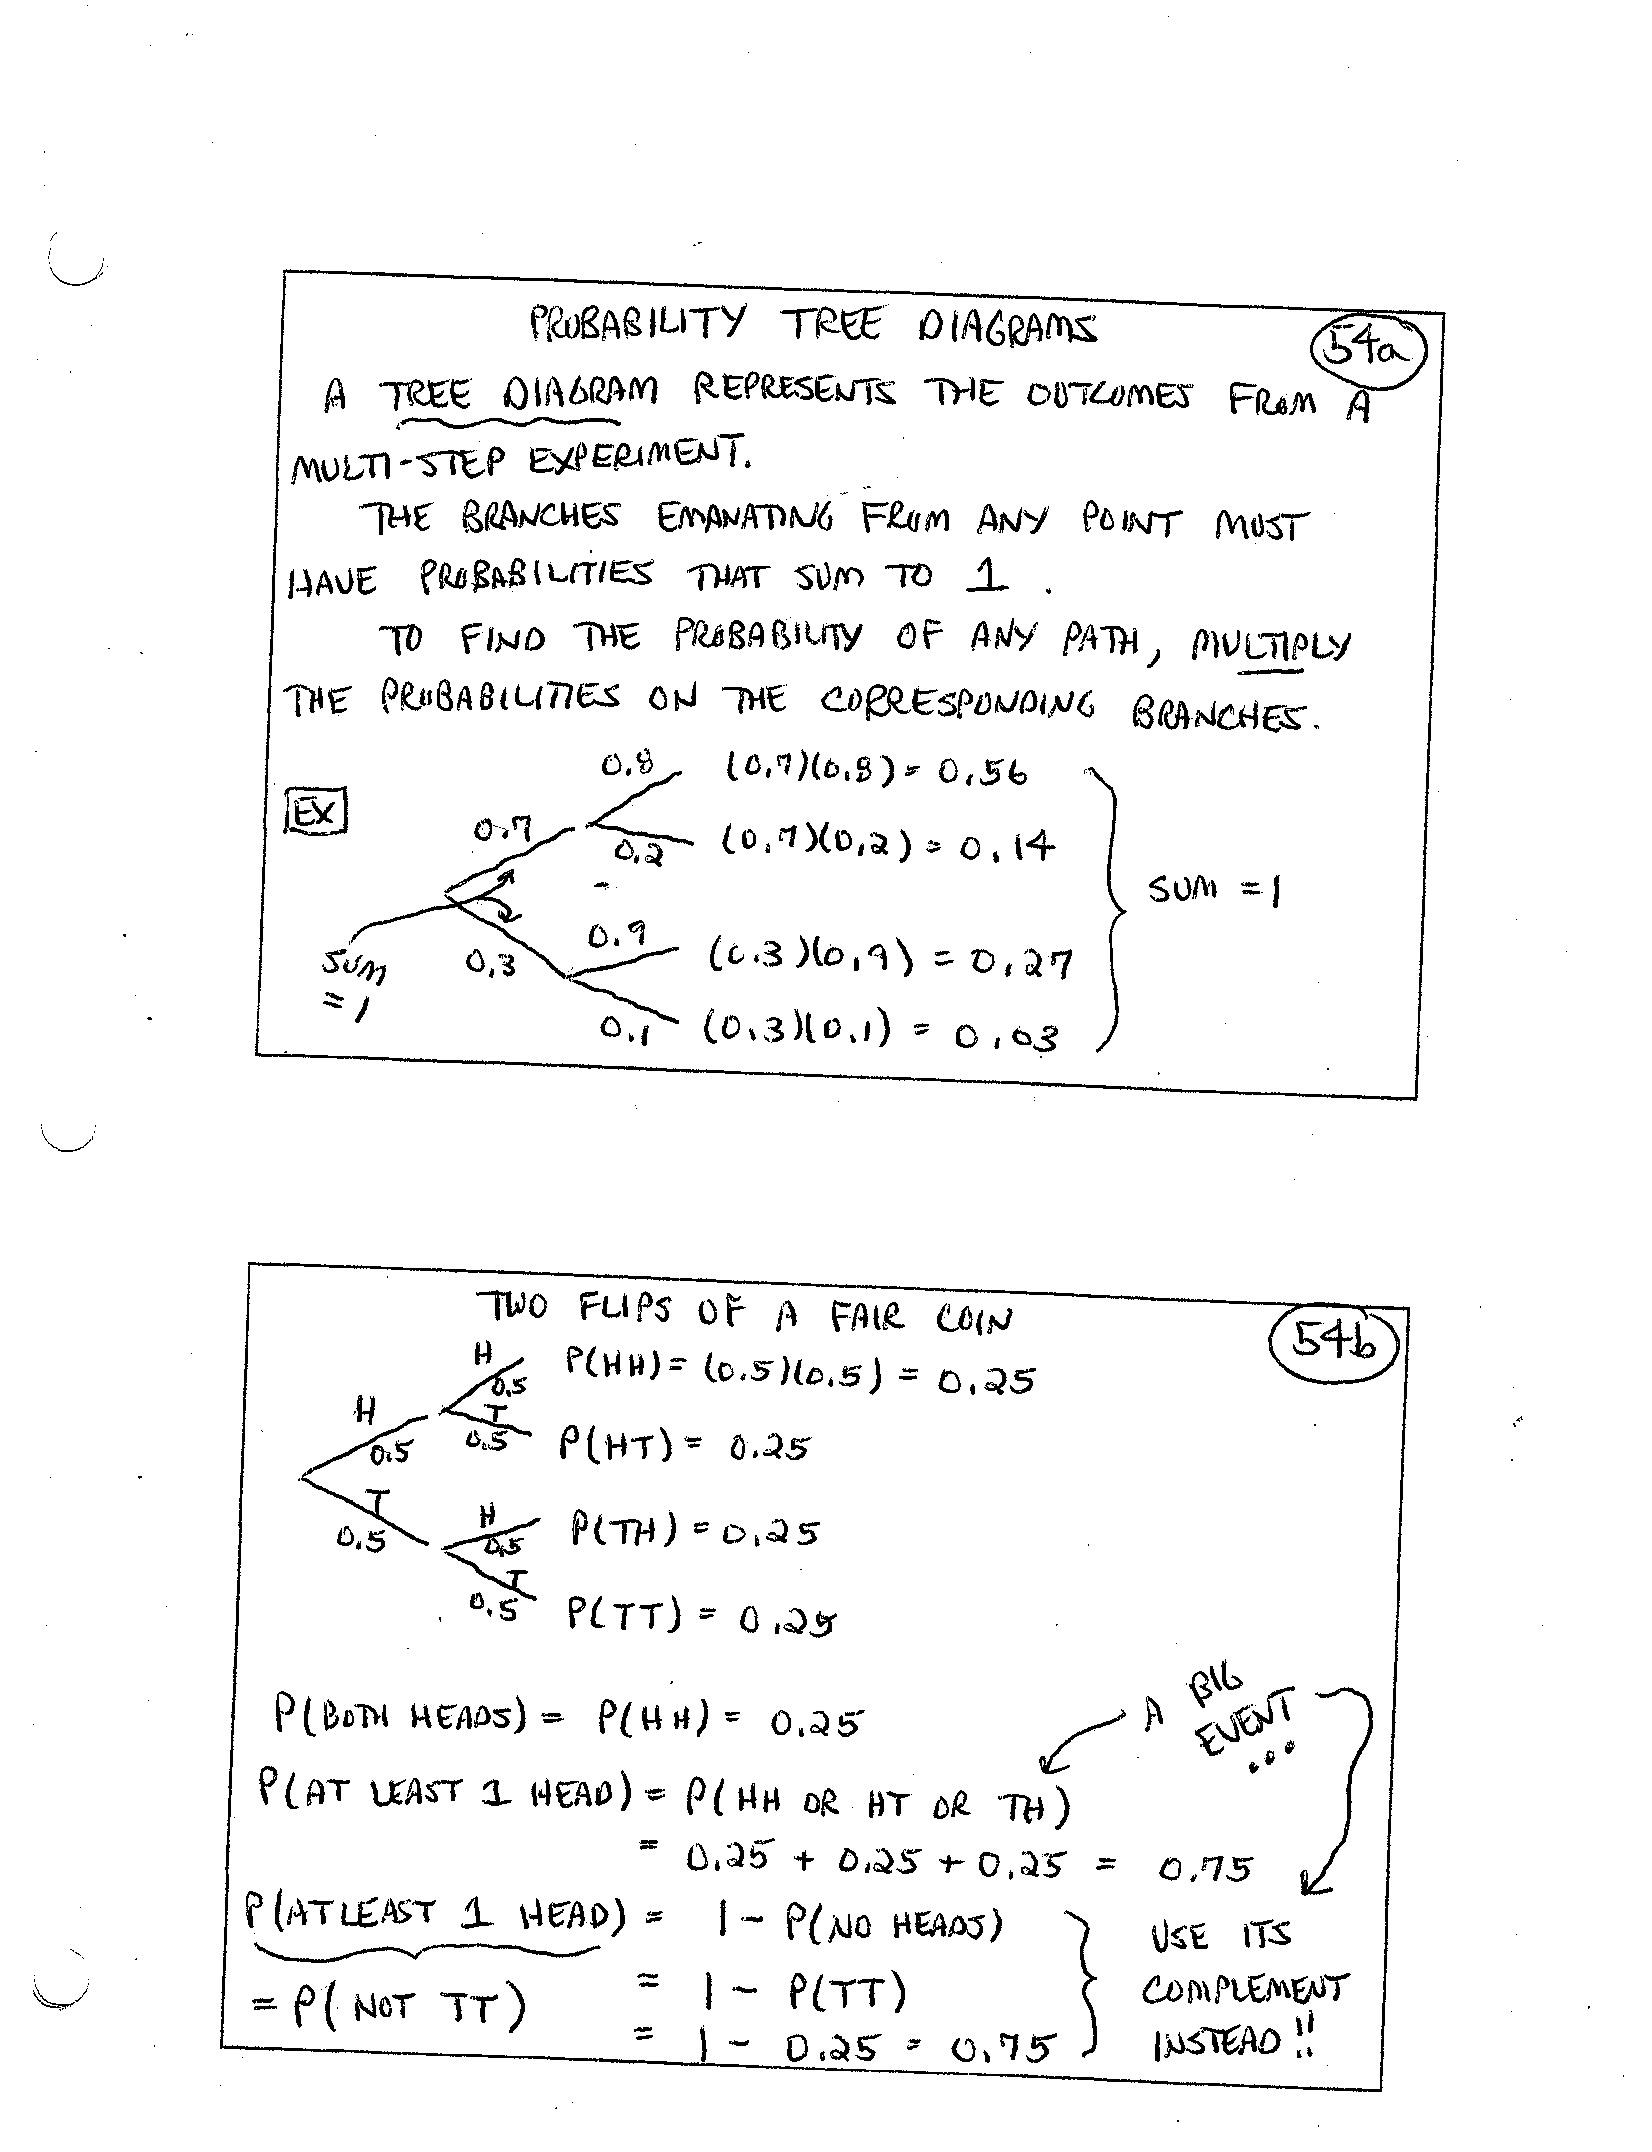 worksheet probability tree diagram worksheet grass fedjp worksheet study site. Black Bedroom Furniture Sets. Home Design Ideas